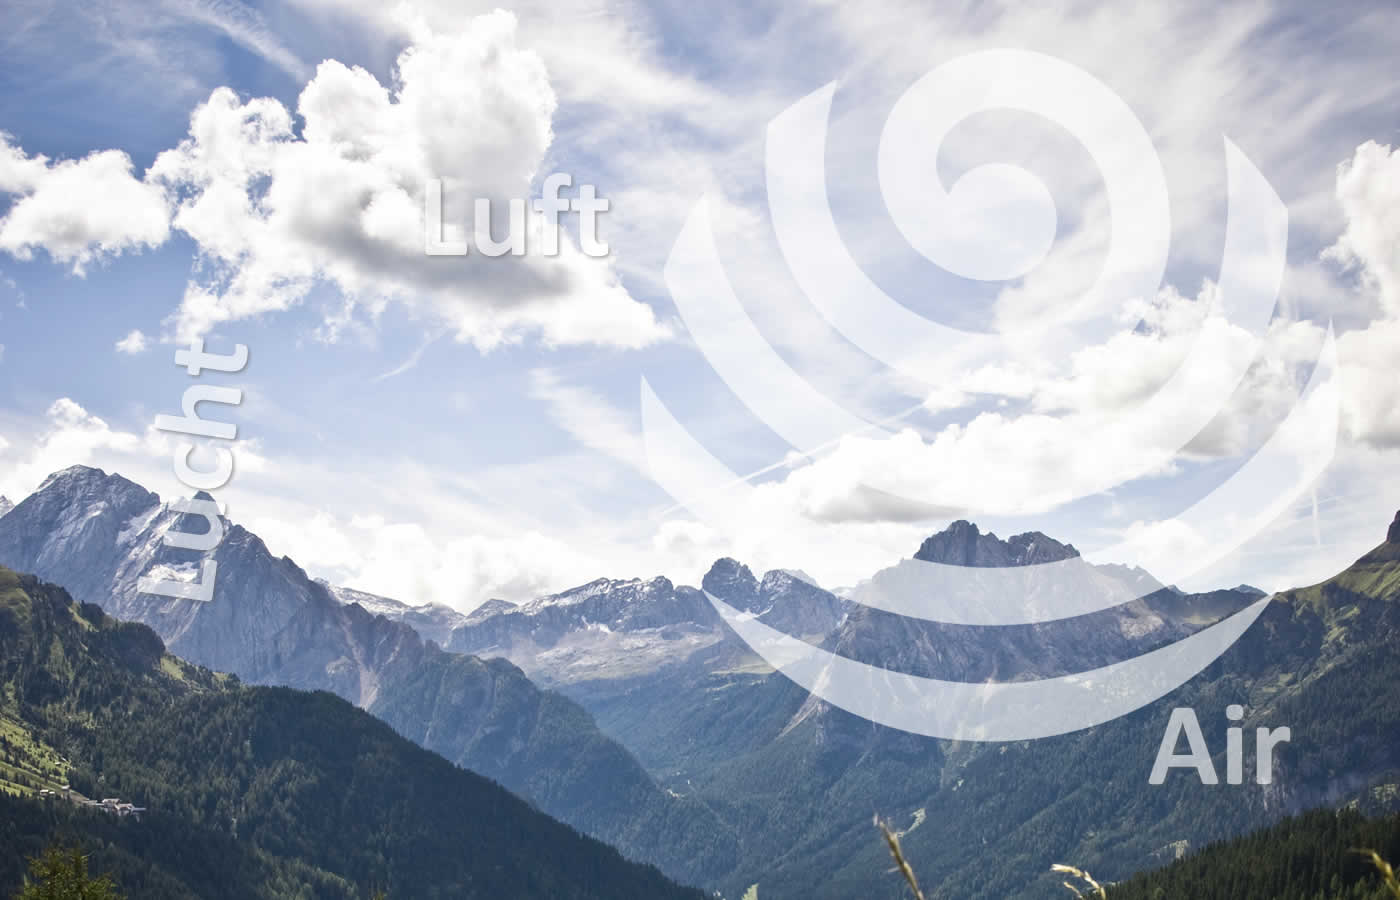 Element Luft im Hotel Natürlich in Fiss, Tirol.